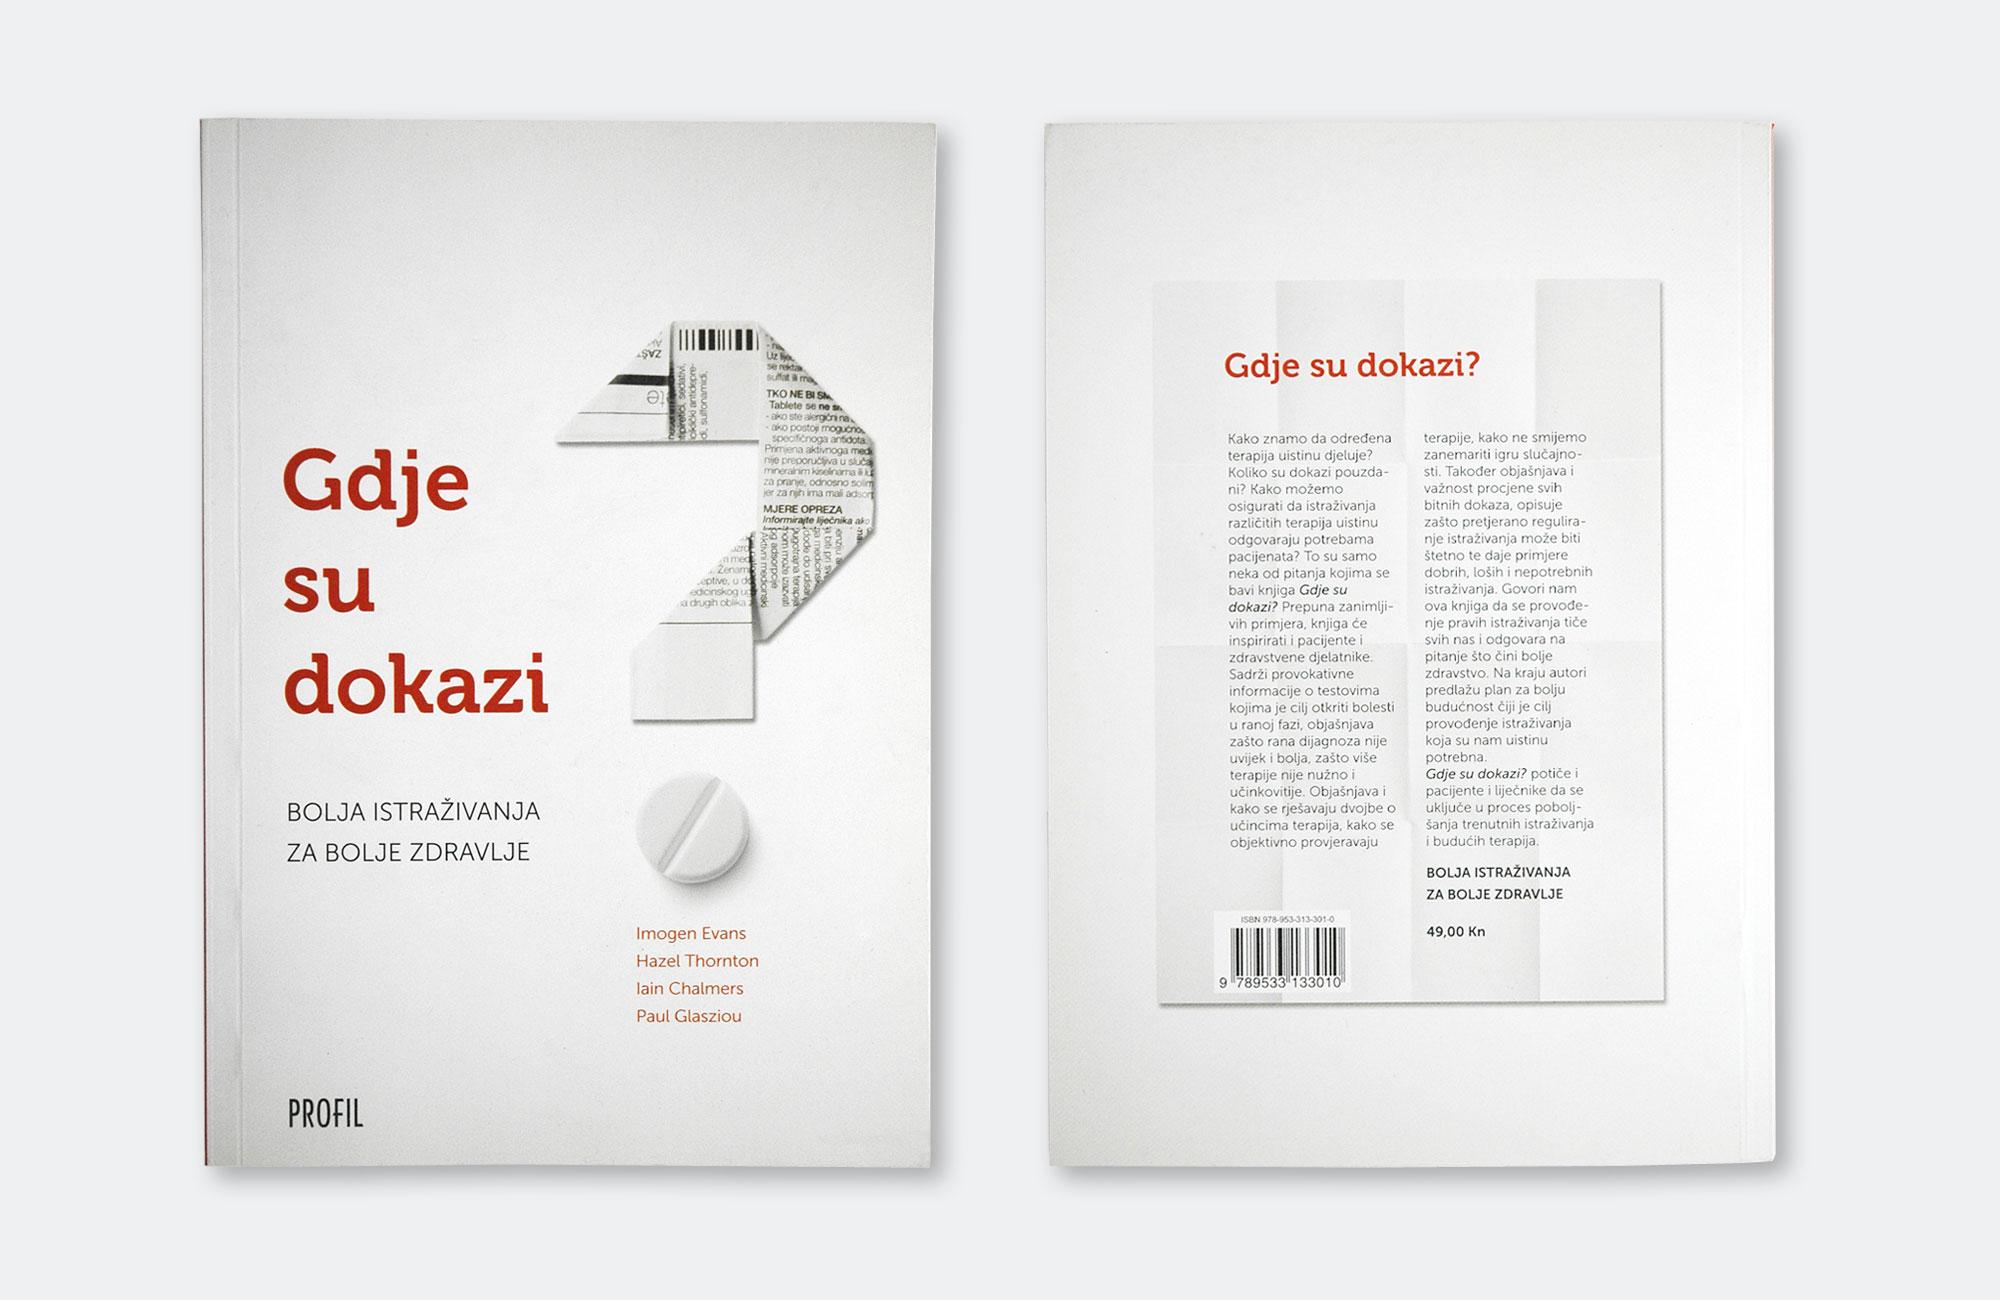 masavukmanovic.com - gdje su dokazi - naslovnica 02